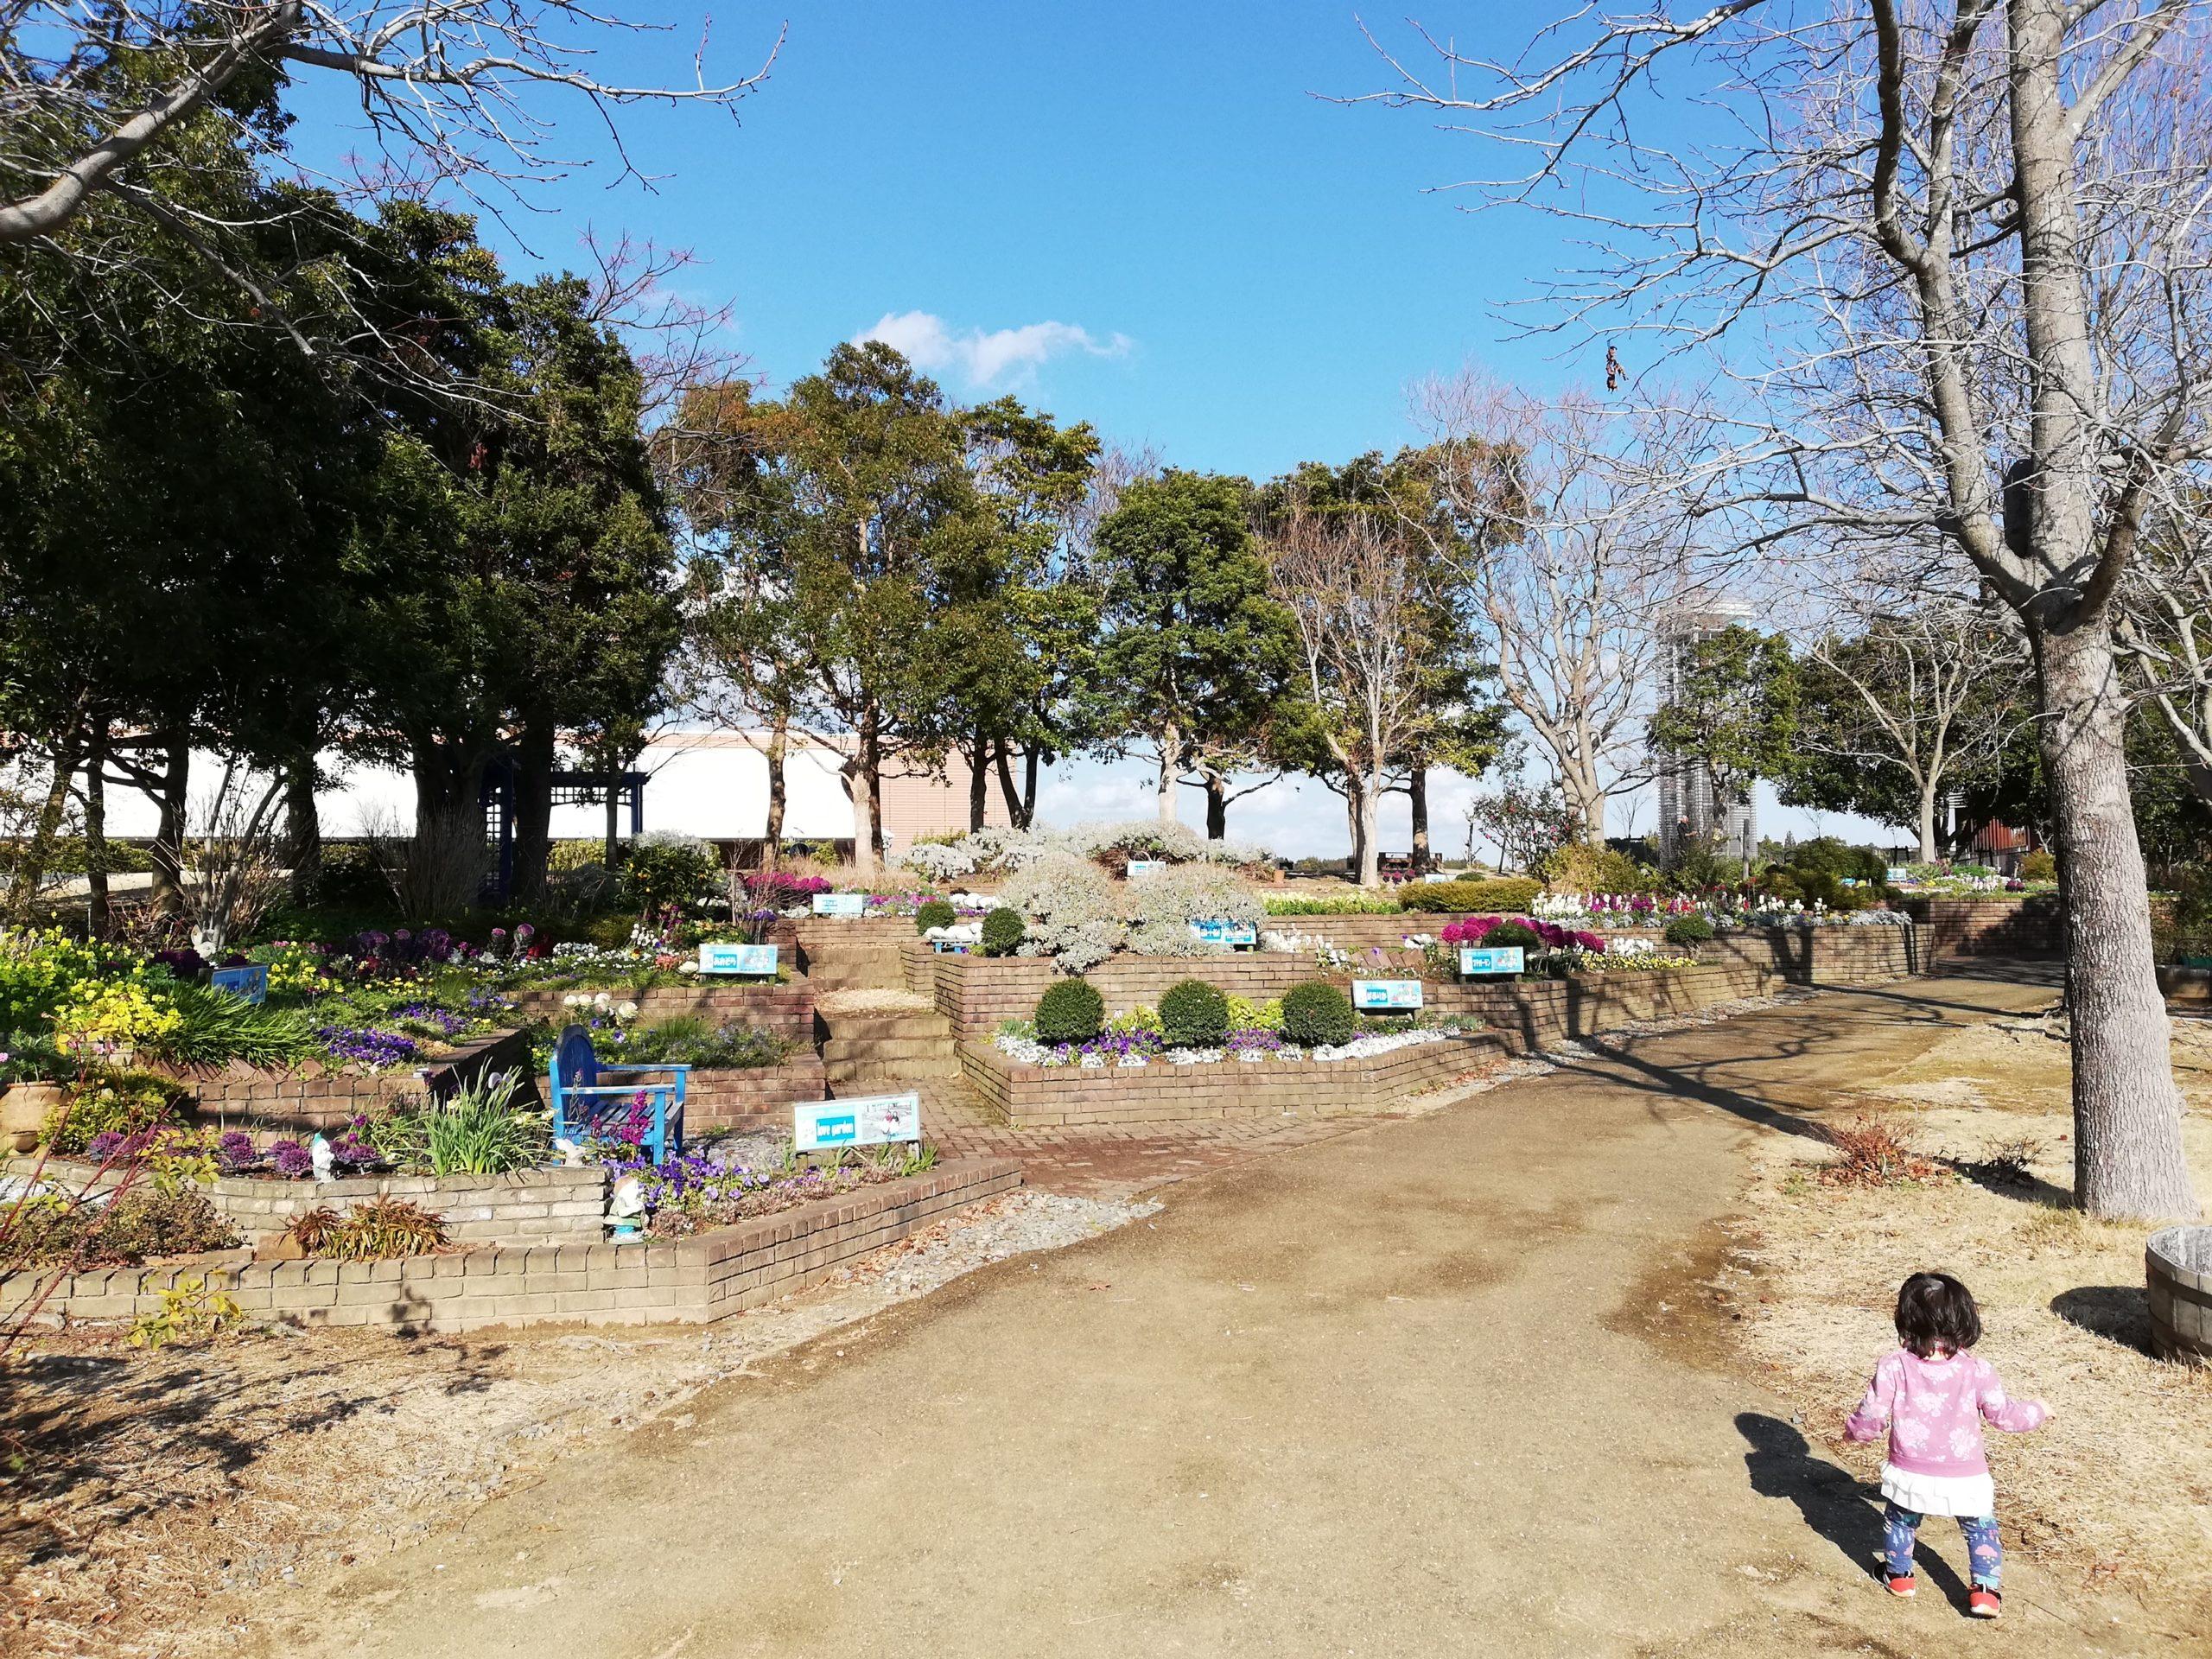 静岡県内でペットと遊ぶ 静岡県浜松市 浜名湖ガーデンパーク 子どもも歩きやすい道